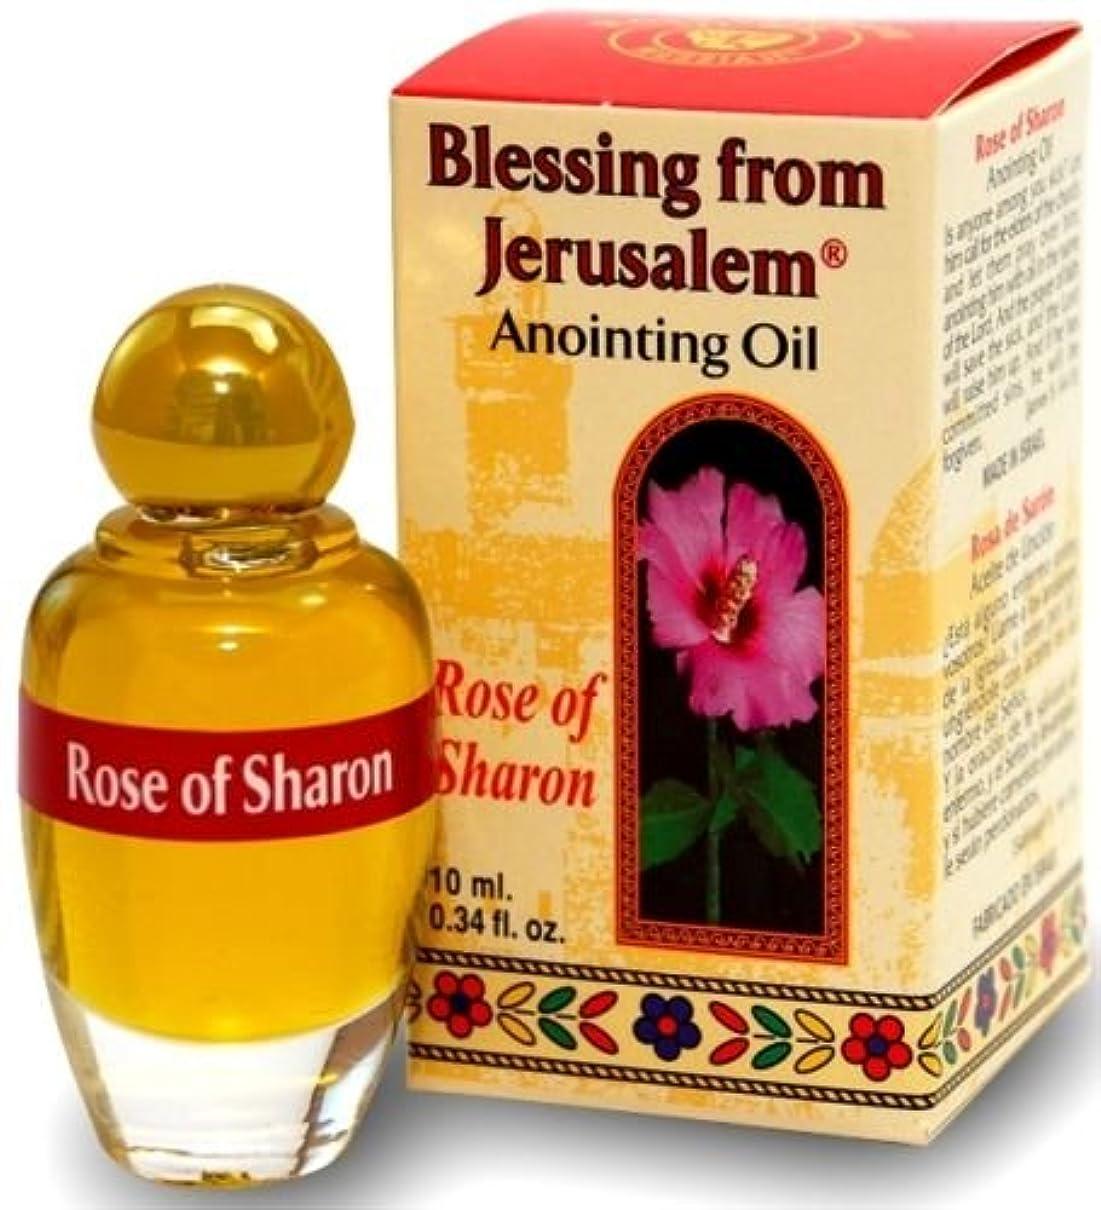 領収書たとえランタンローズRosa of Sharon AnointingオイルBlessing of Jerusalem Stunning Smell 10 ml byベツレヘムギフトTM